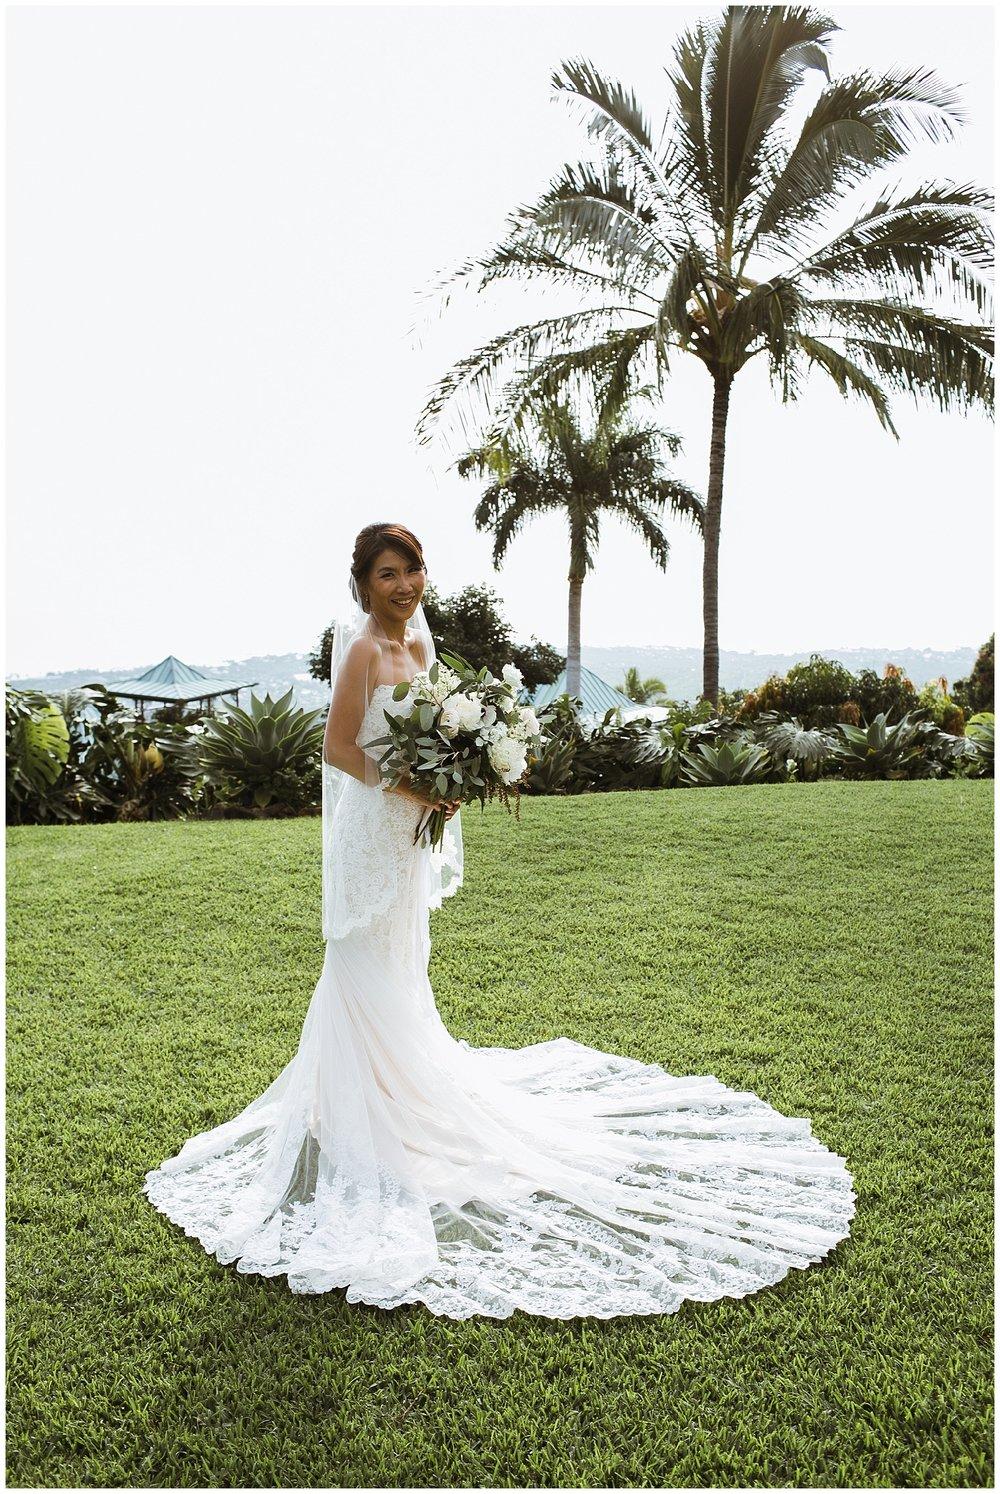 Bliss in Bloom Kailua Kona Hawaii Wedding Event Coordination_0064.jpg